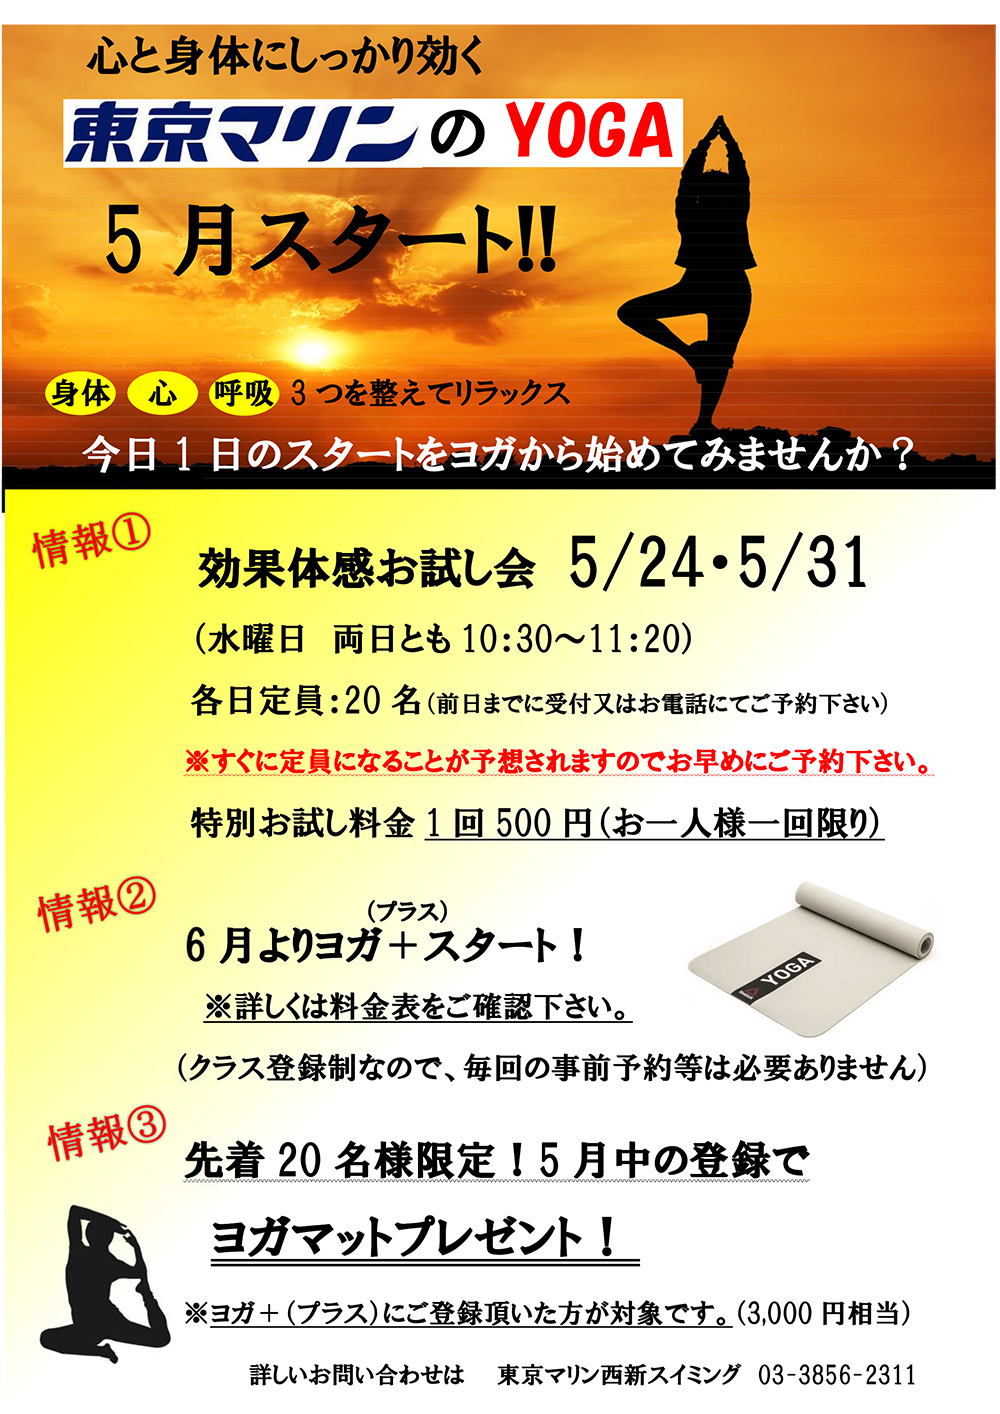 『ヨガ体験会』受付募集中!! 開催日:2017年5月24日(水)・5月31日(水) (募集は終了いたしました。)